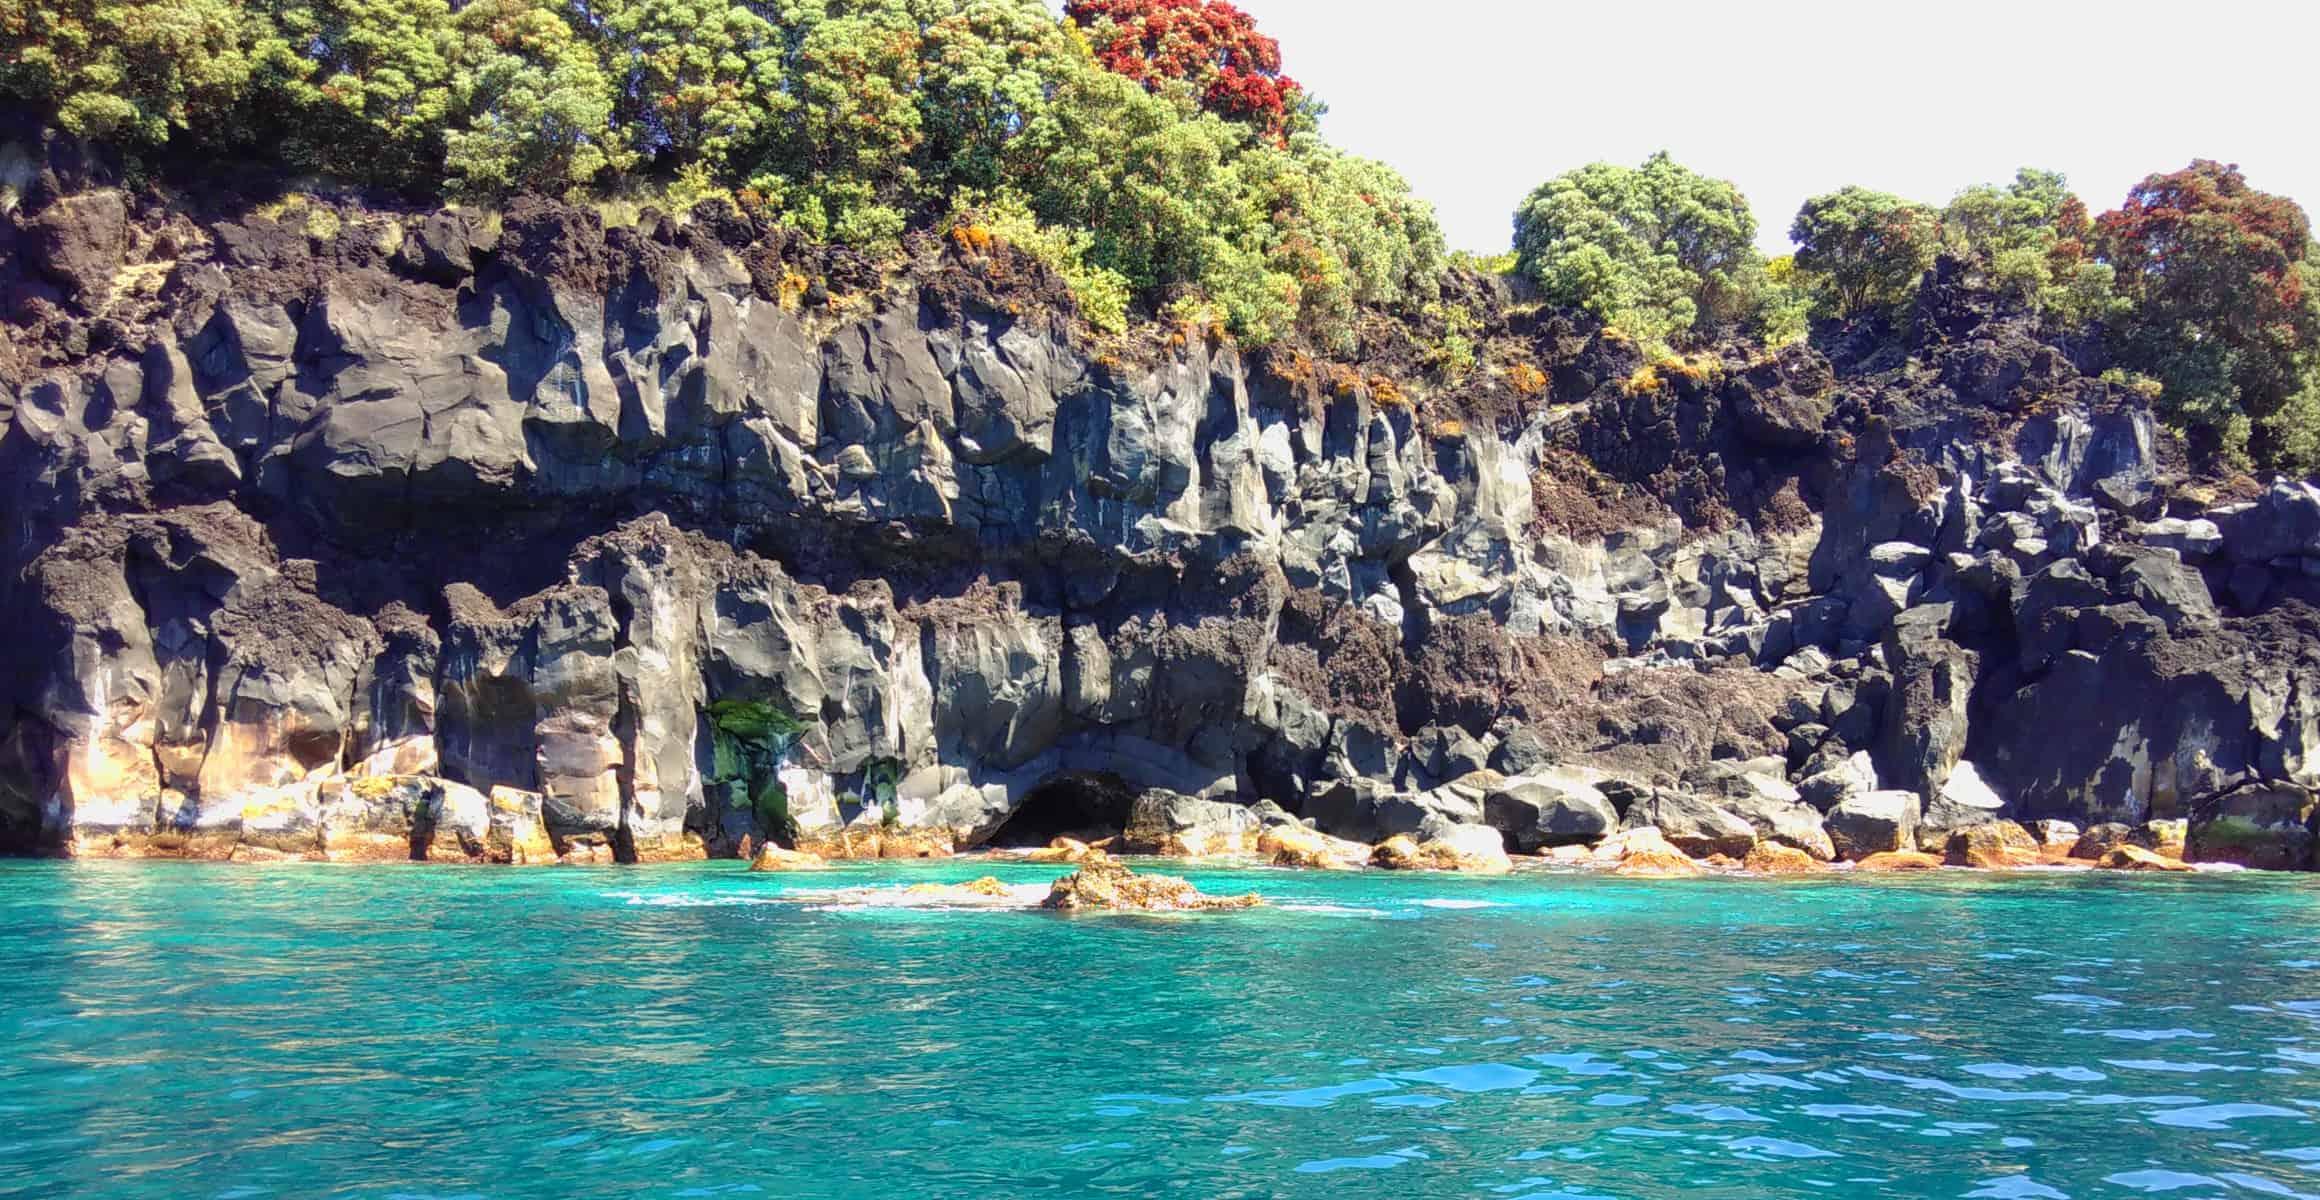 Bewachsene Felsküste der Azoren Insel Pico im Vorderund das türkisfarbene Meer